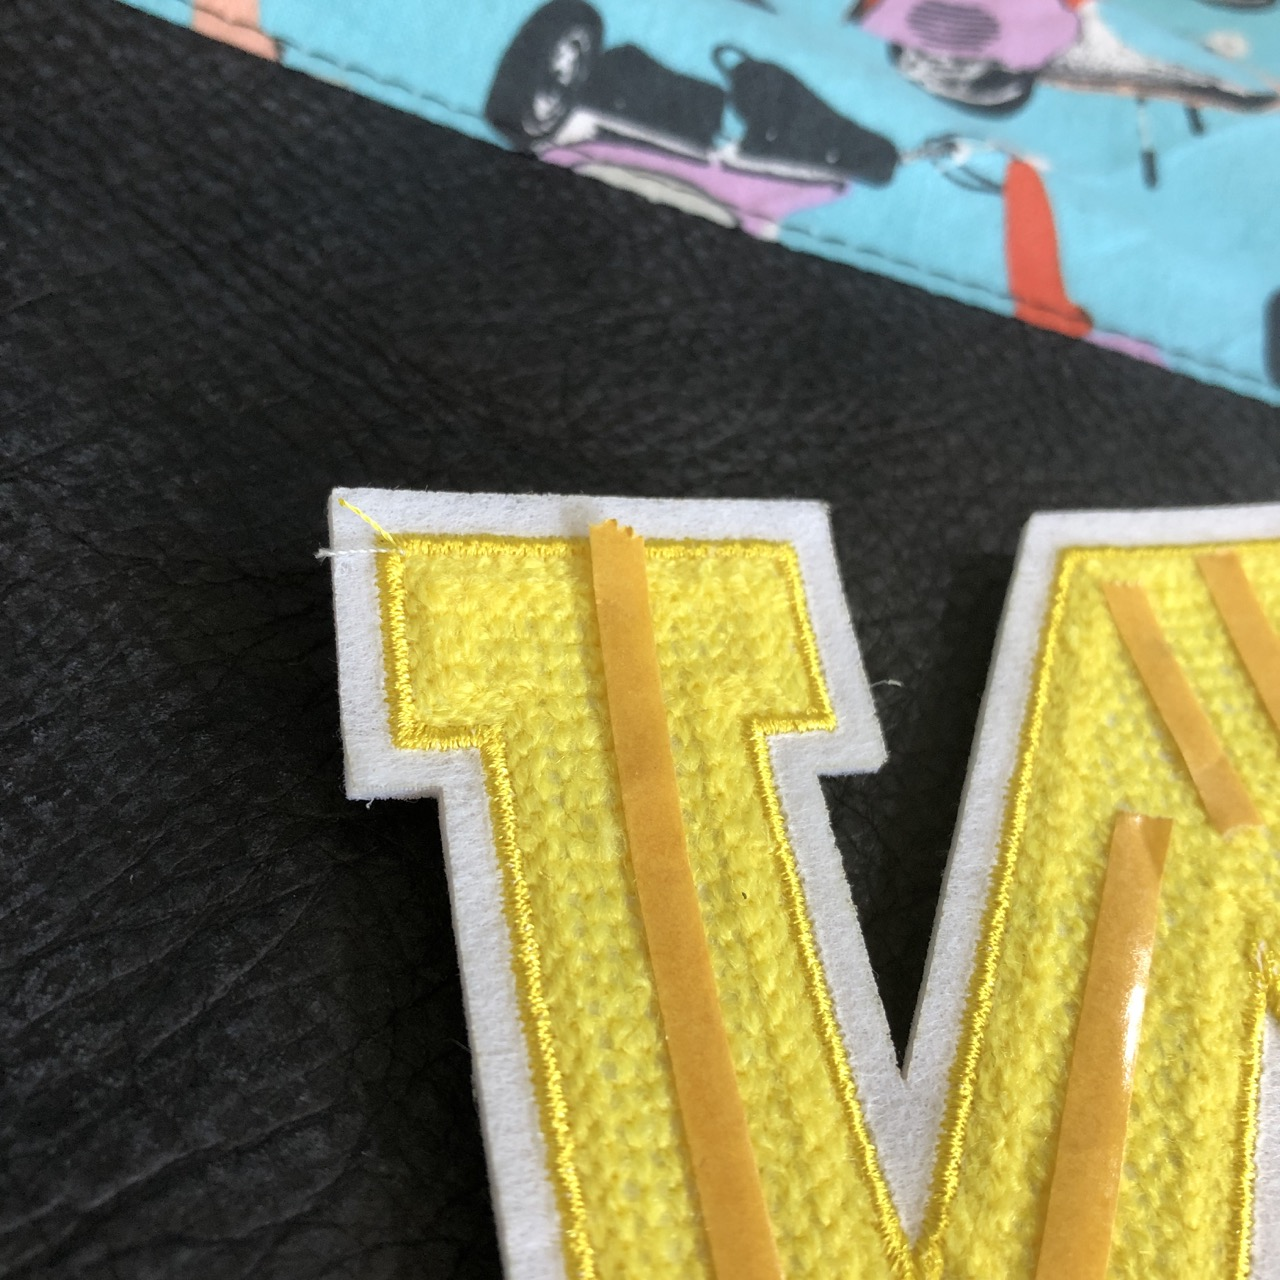 Collegebuchstaben mit Stylefix fixieren